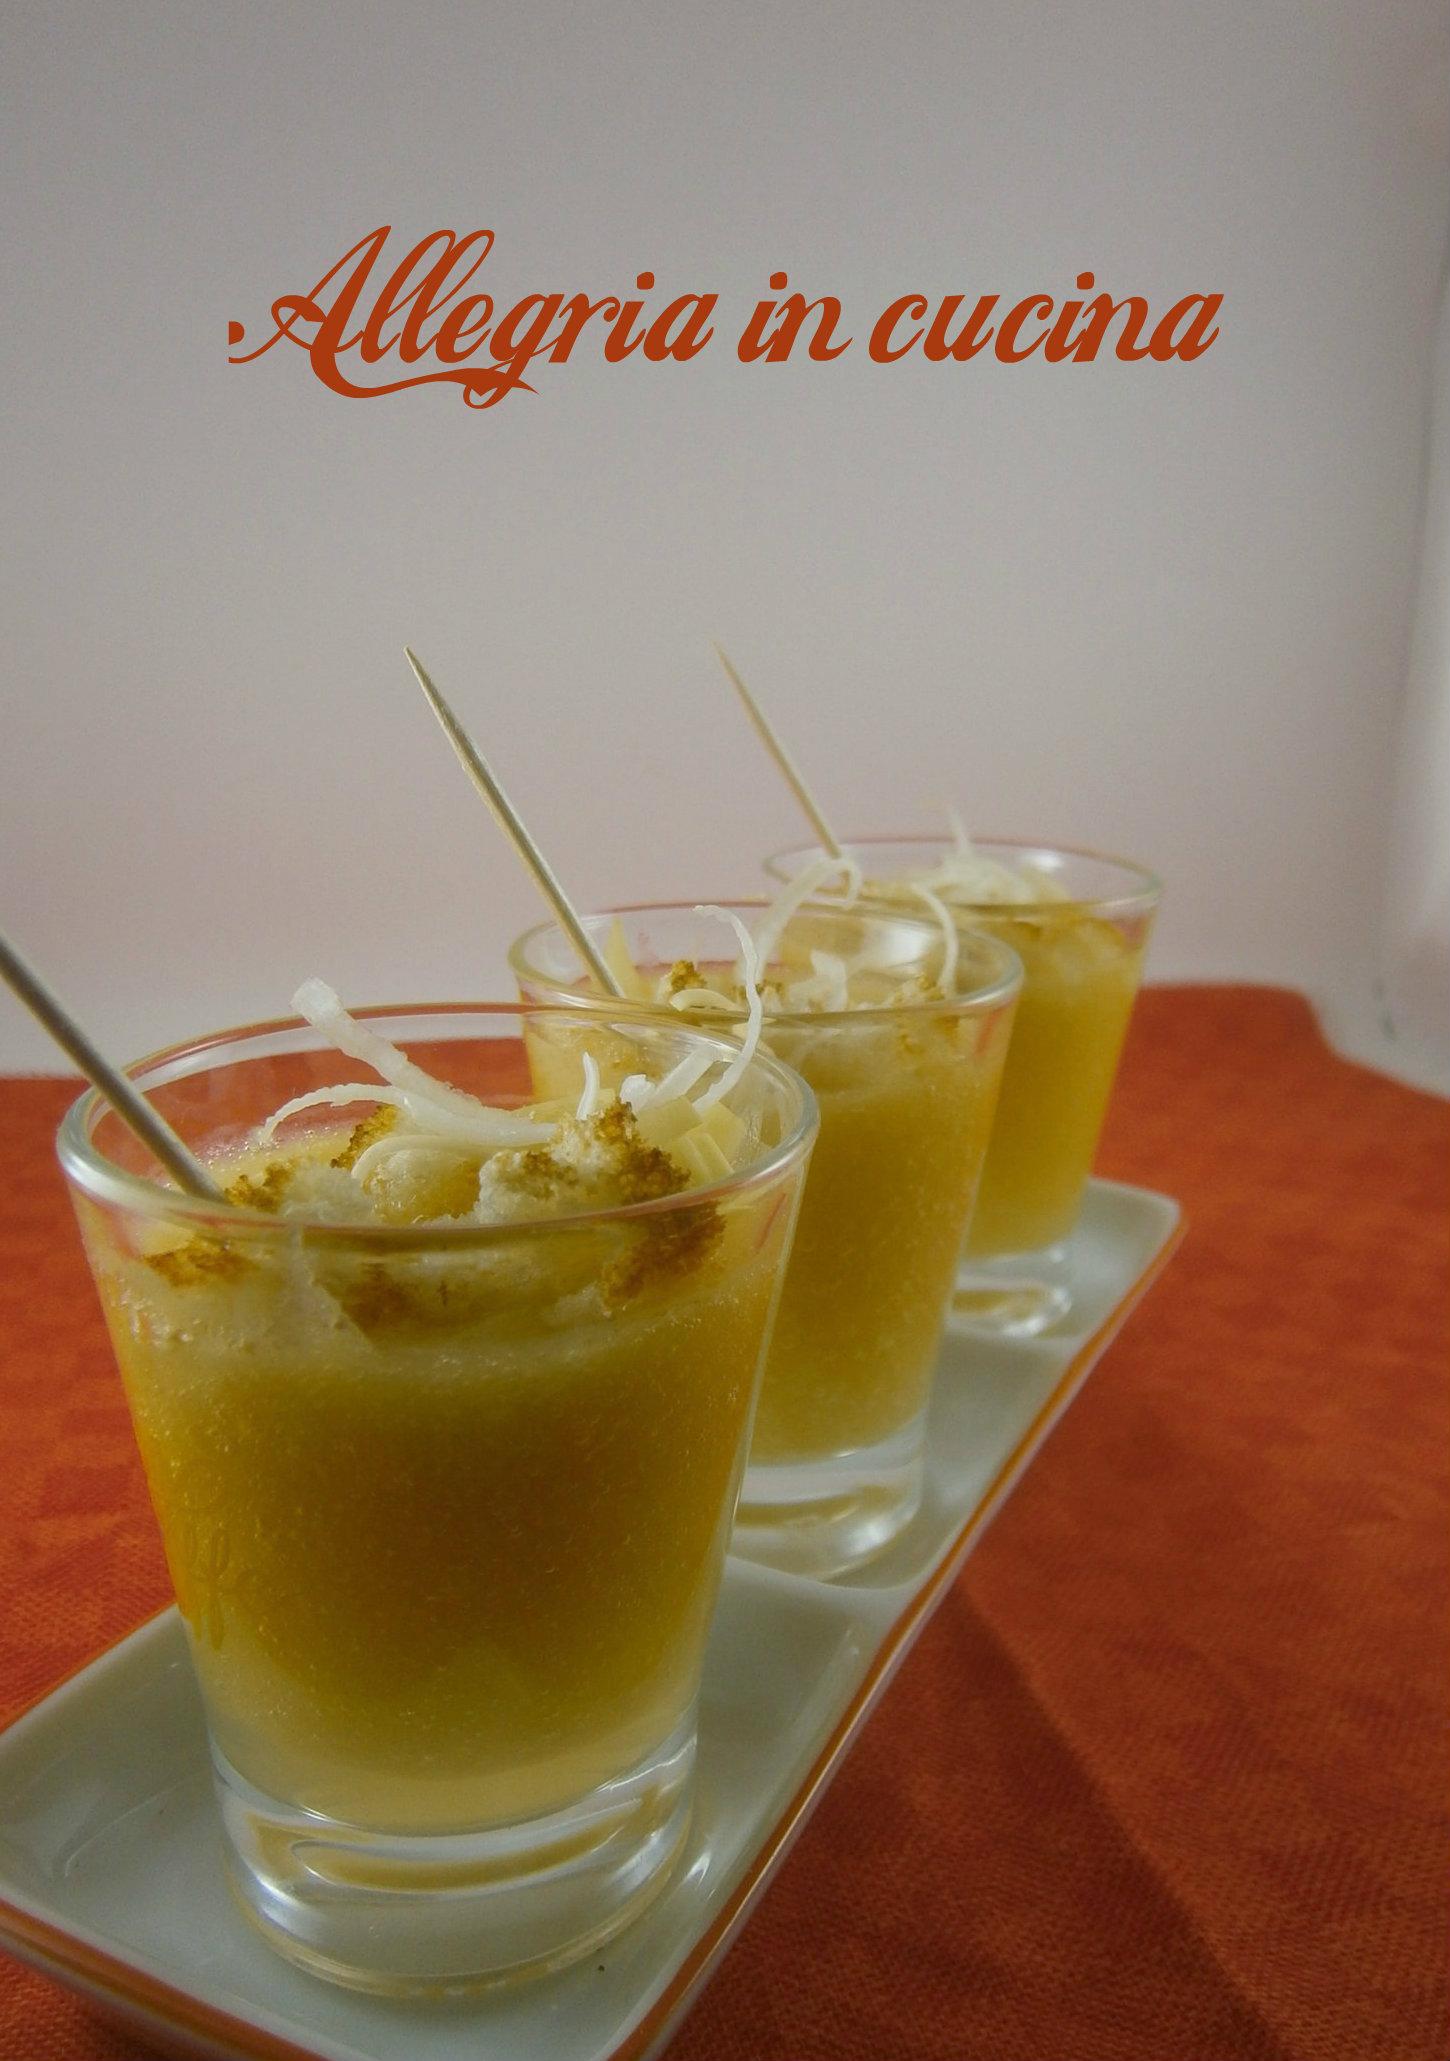 Zuppa parmentier in bicchierino - Finger Food